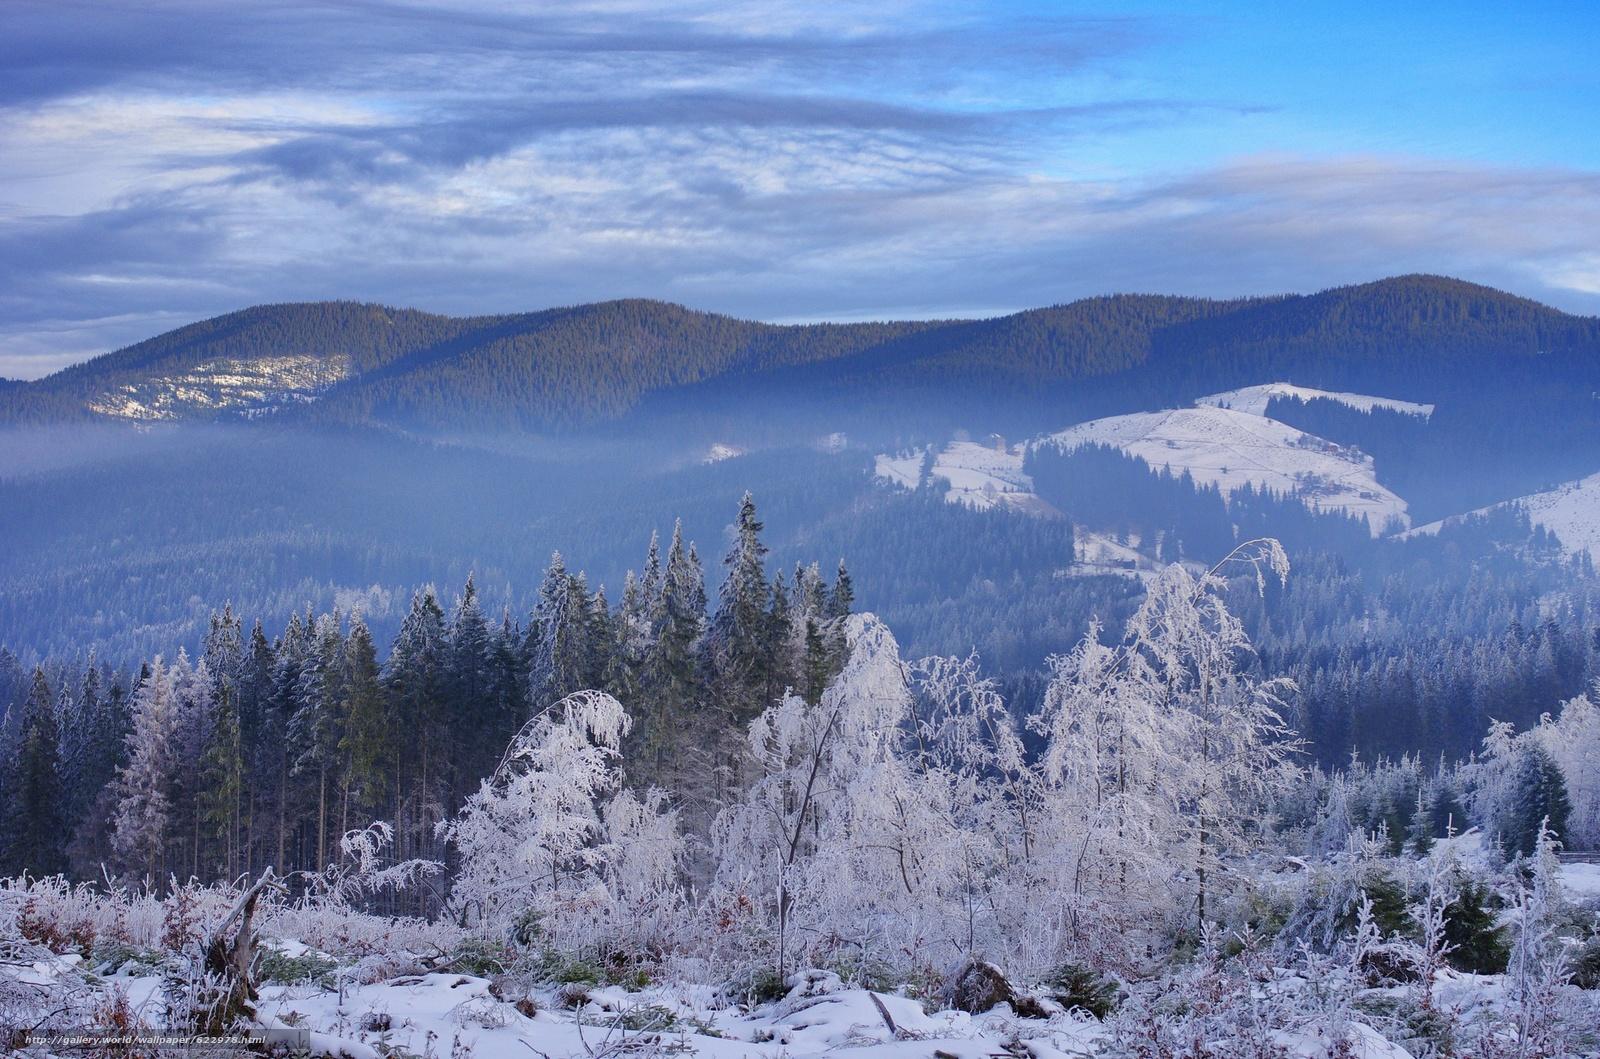 下载壁纸 冬天, 雪, 森林, 山 免费为您的桌面分辨率的壁纸 2048x1356